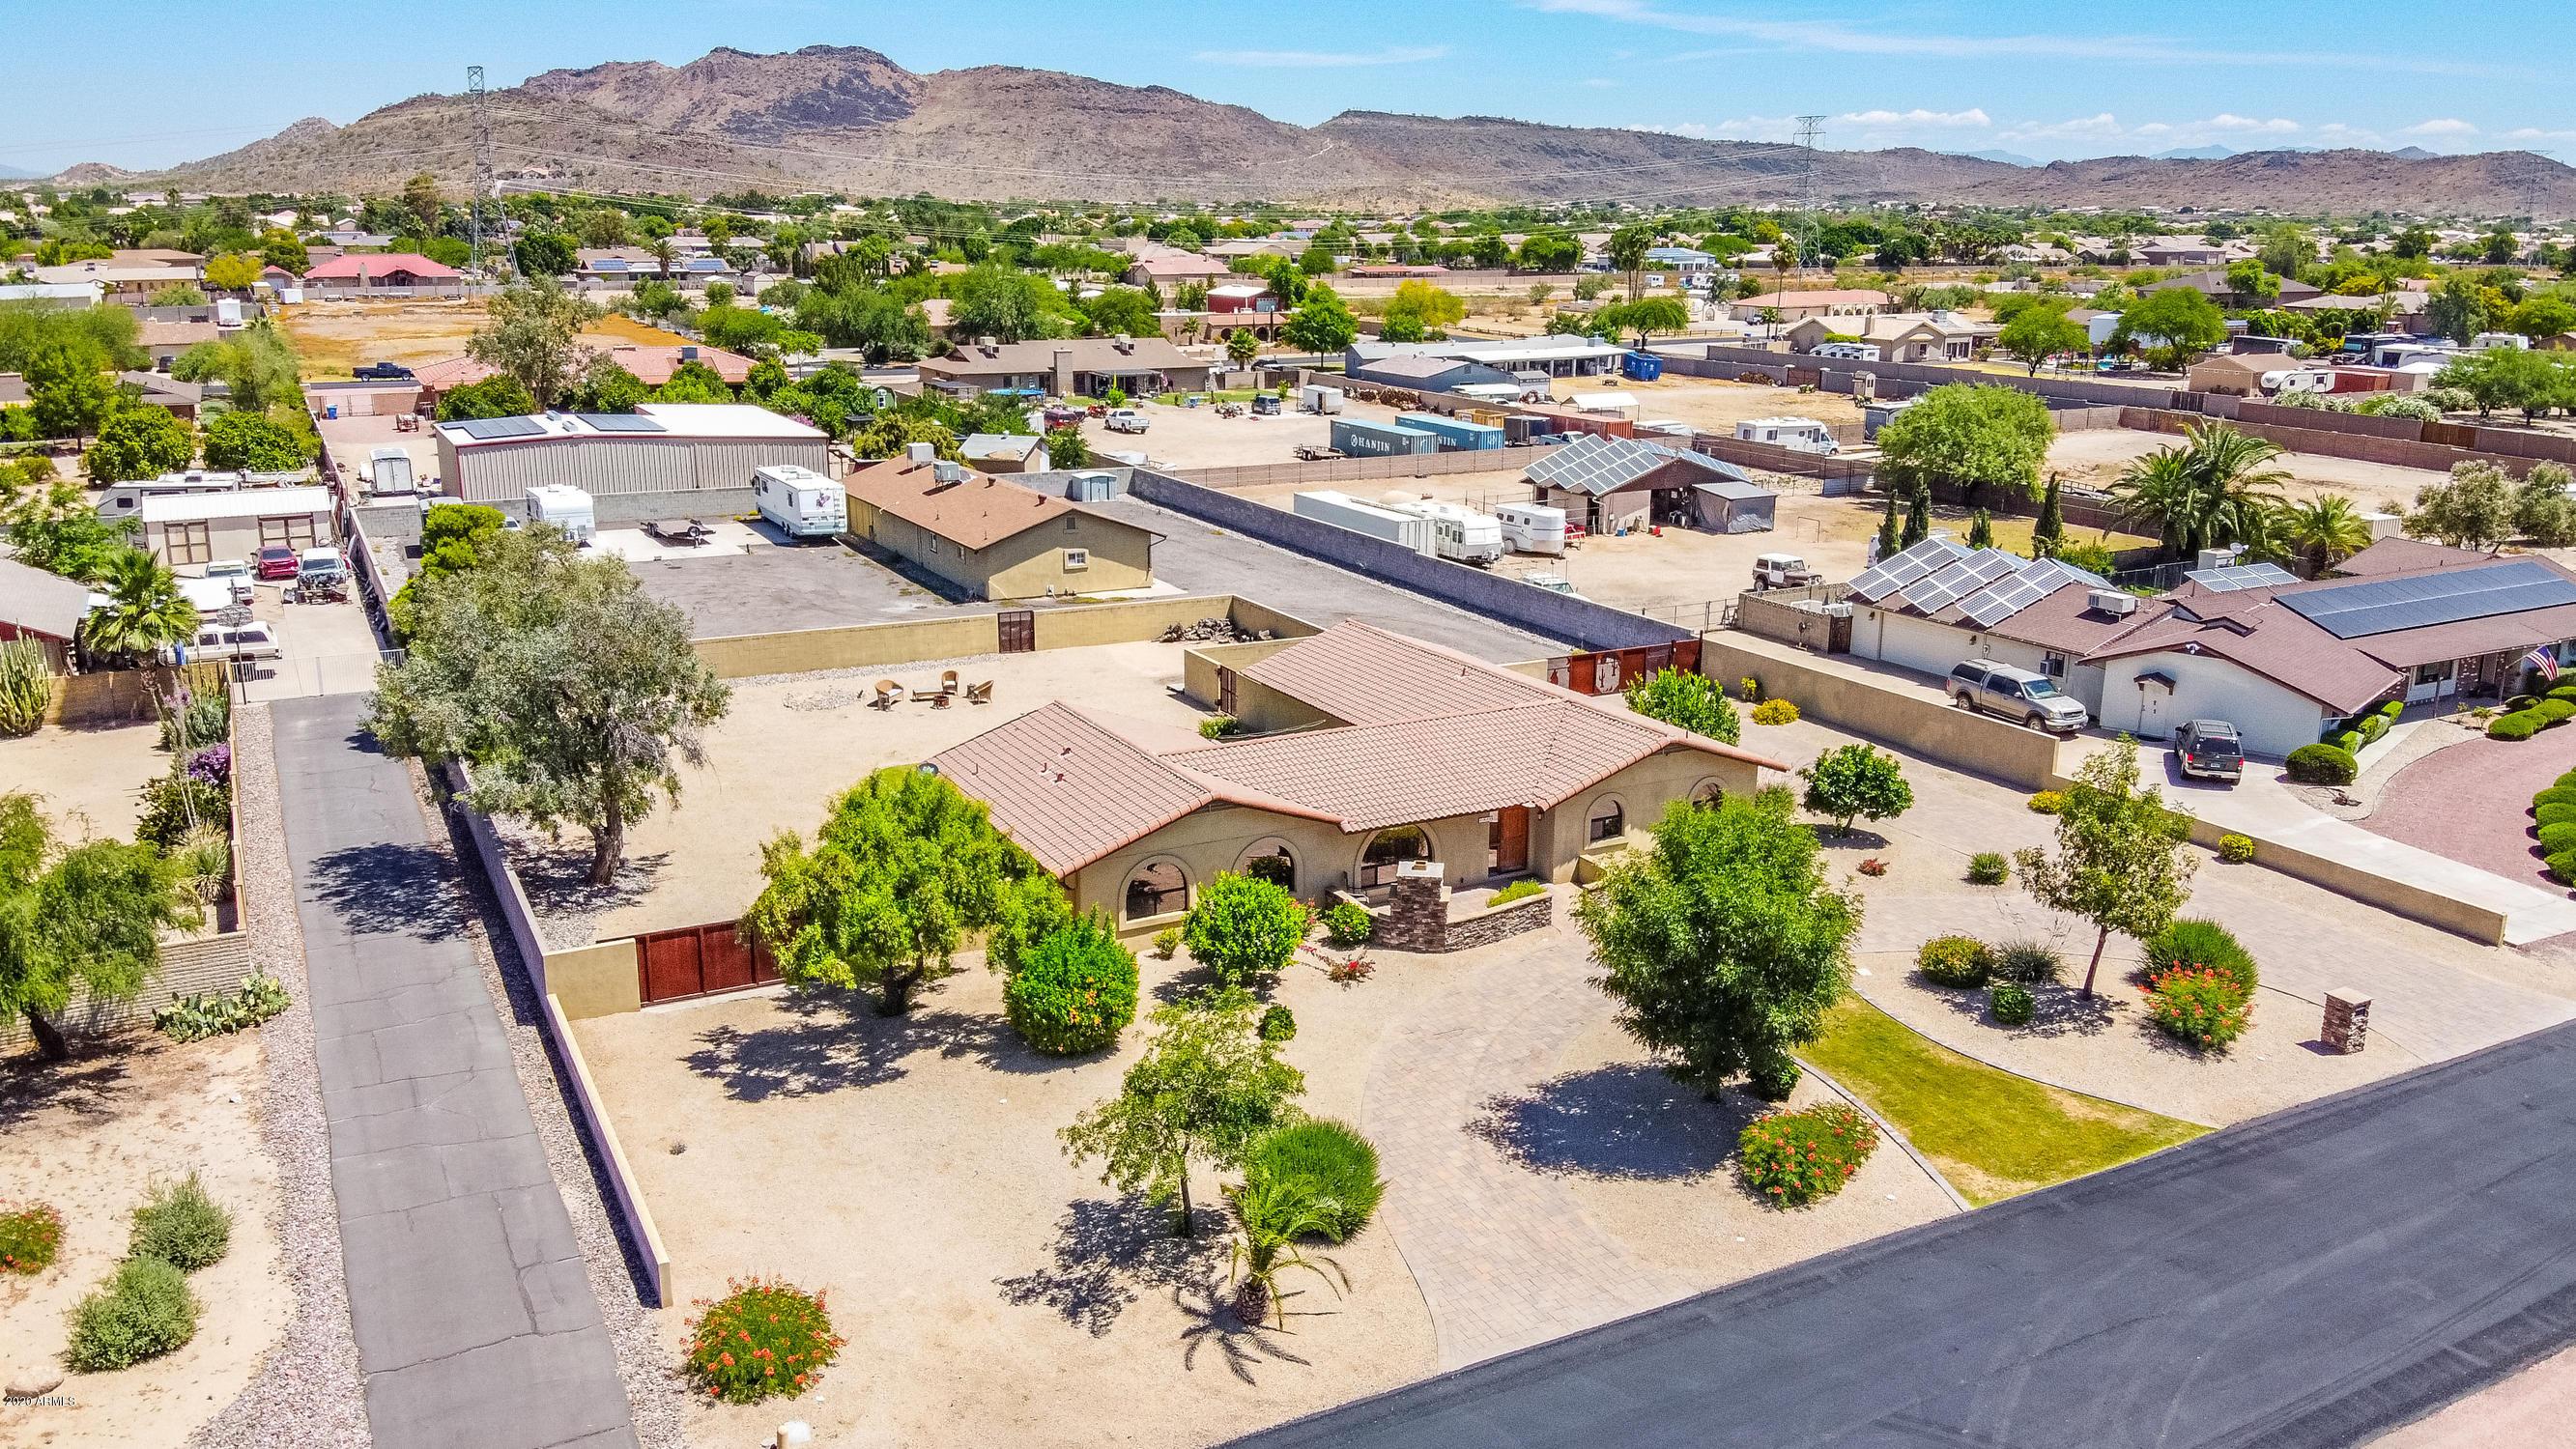 Photo of 4930 W PARK VIEW Lane, Glendale, AZ 85310